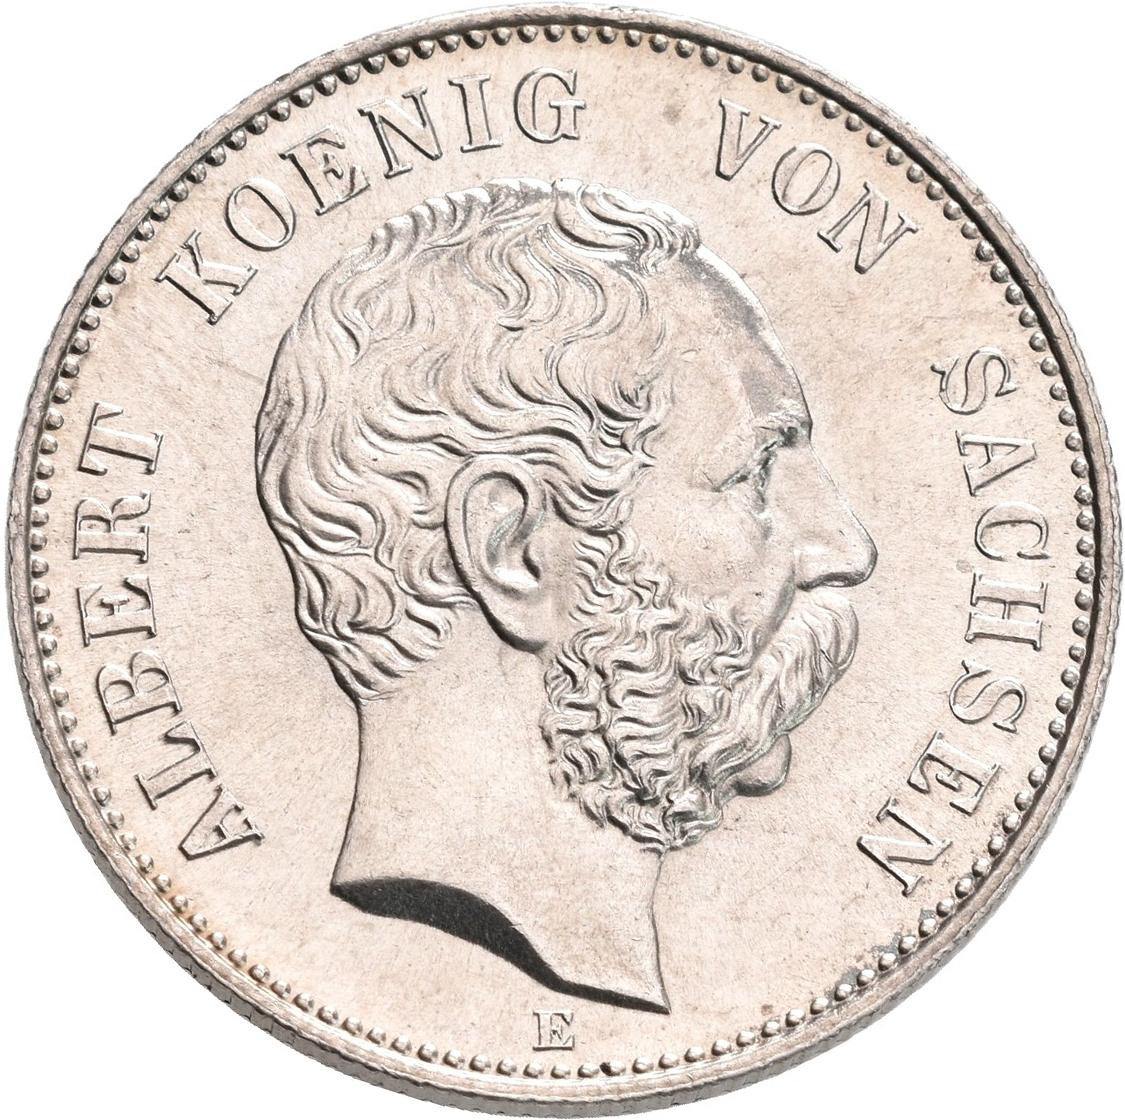 Lot 02238 - Sachsen | Umlaufmünzen 2 Mark bis 5 Mark - Deutsches Kaiserreich  -  Auktionshaus Christoph Gärtner GmbH & Co. KG Sale #48 The Coins & The Picture Post Cards